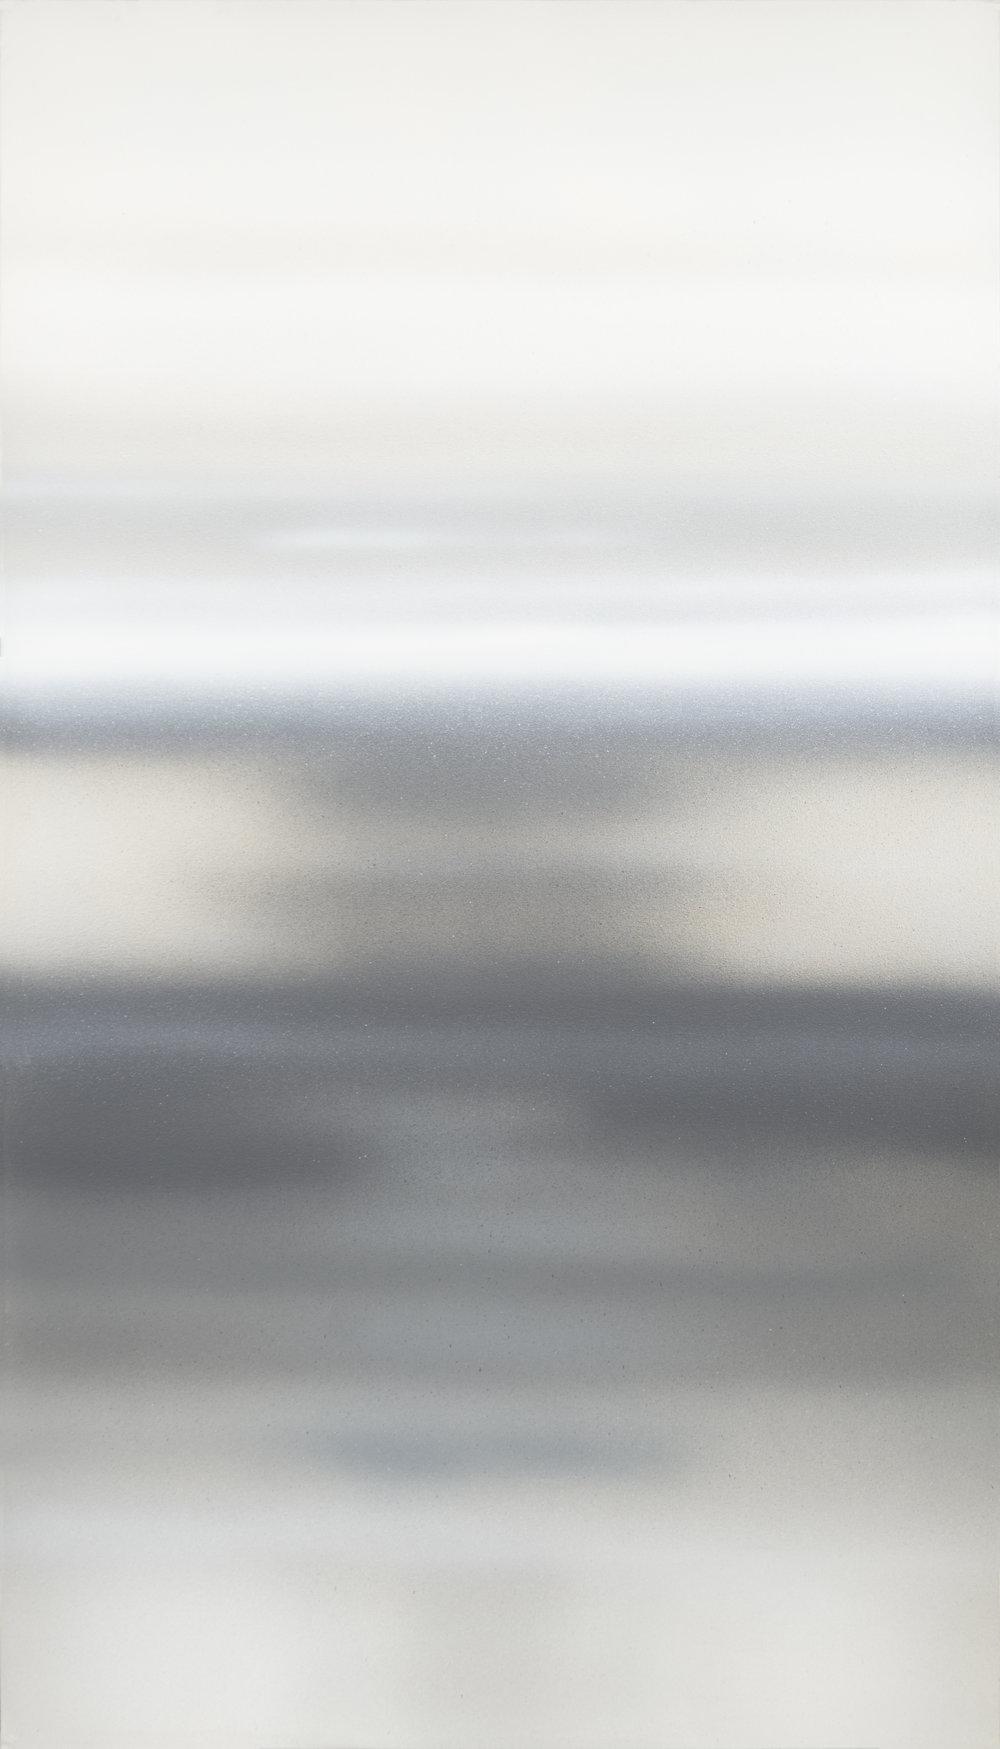 S.T (2018) - 210 x 120 cm - Acrílico sobre lienzo / Acrylic on canvas